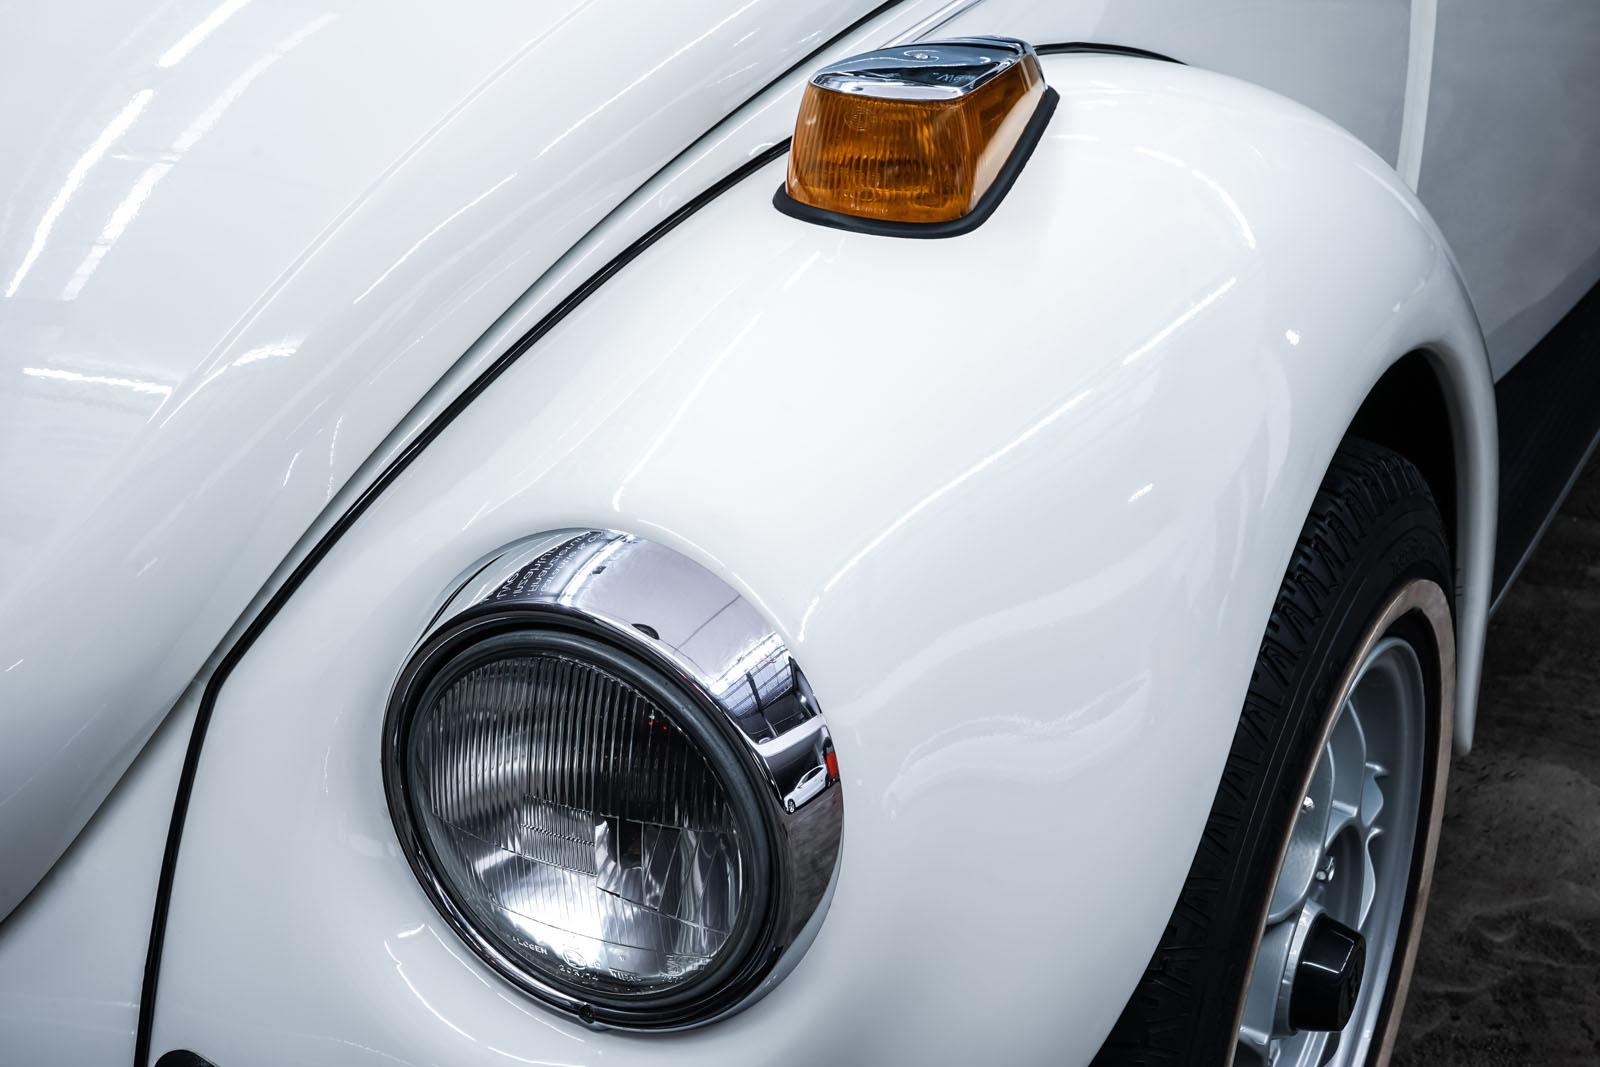 VW_Käfer_Cabrio_Weiß_Weiß_VW-3481_12_w